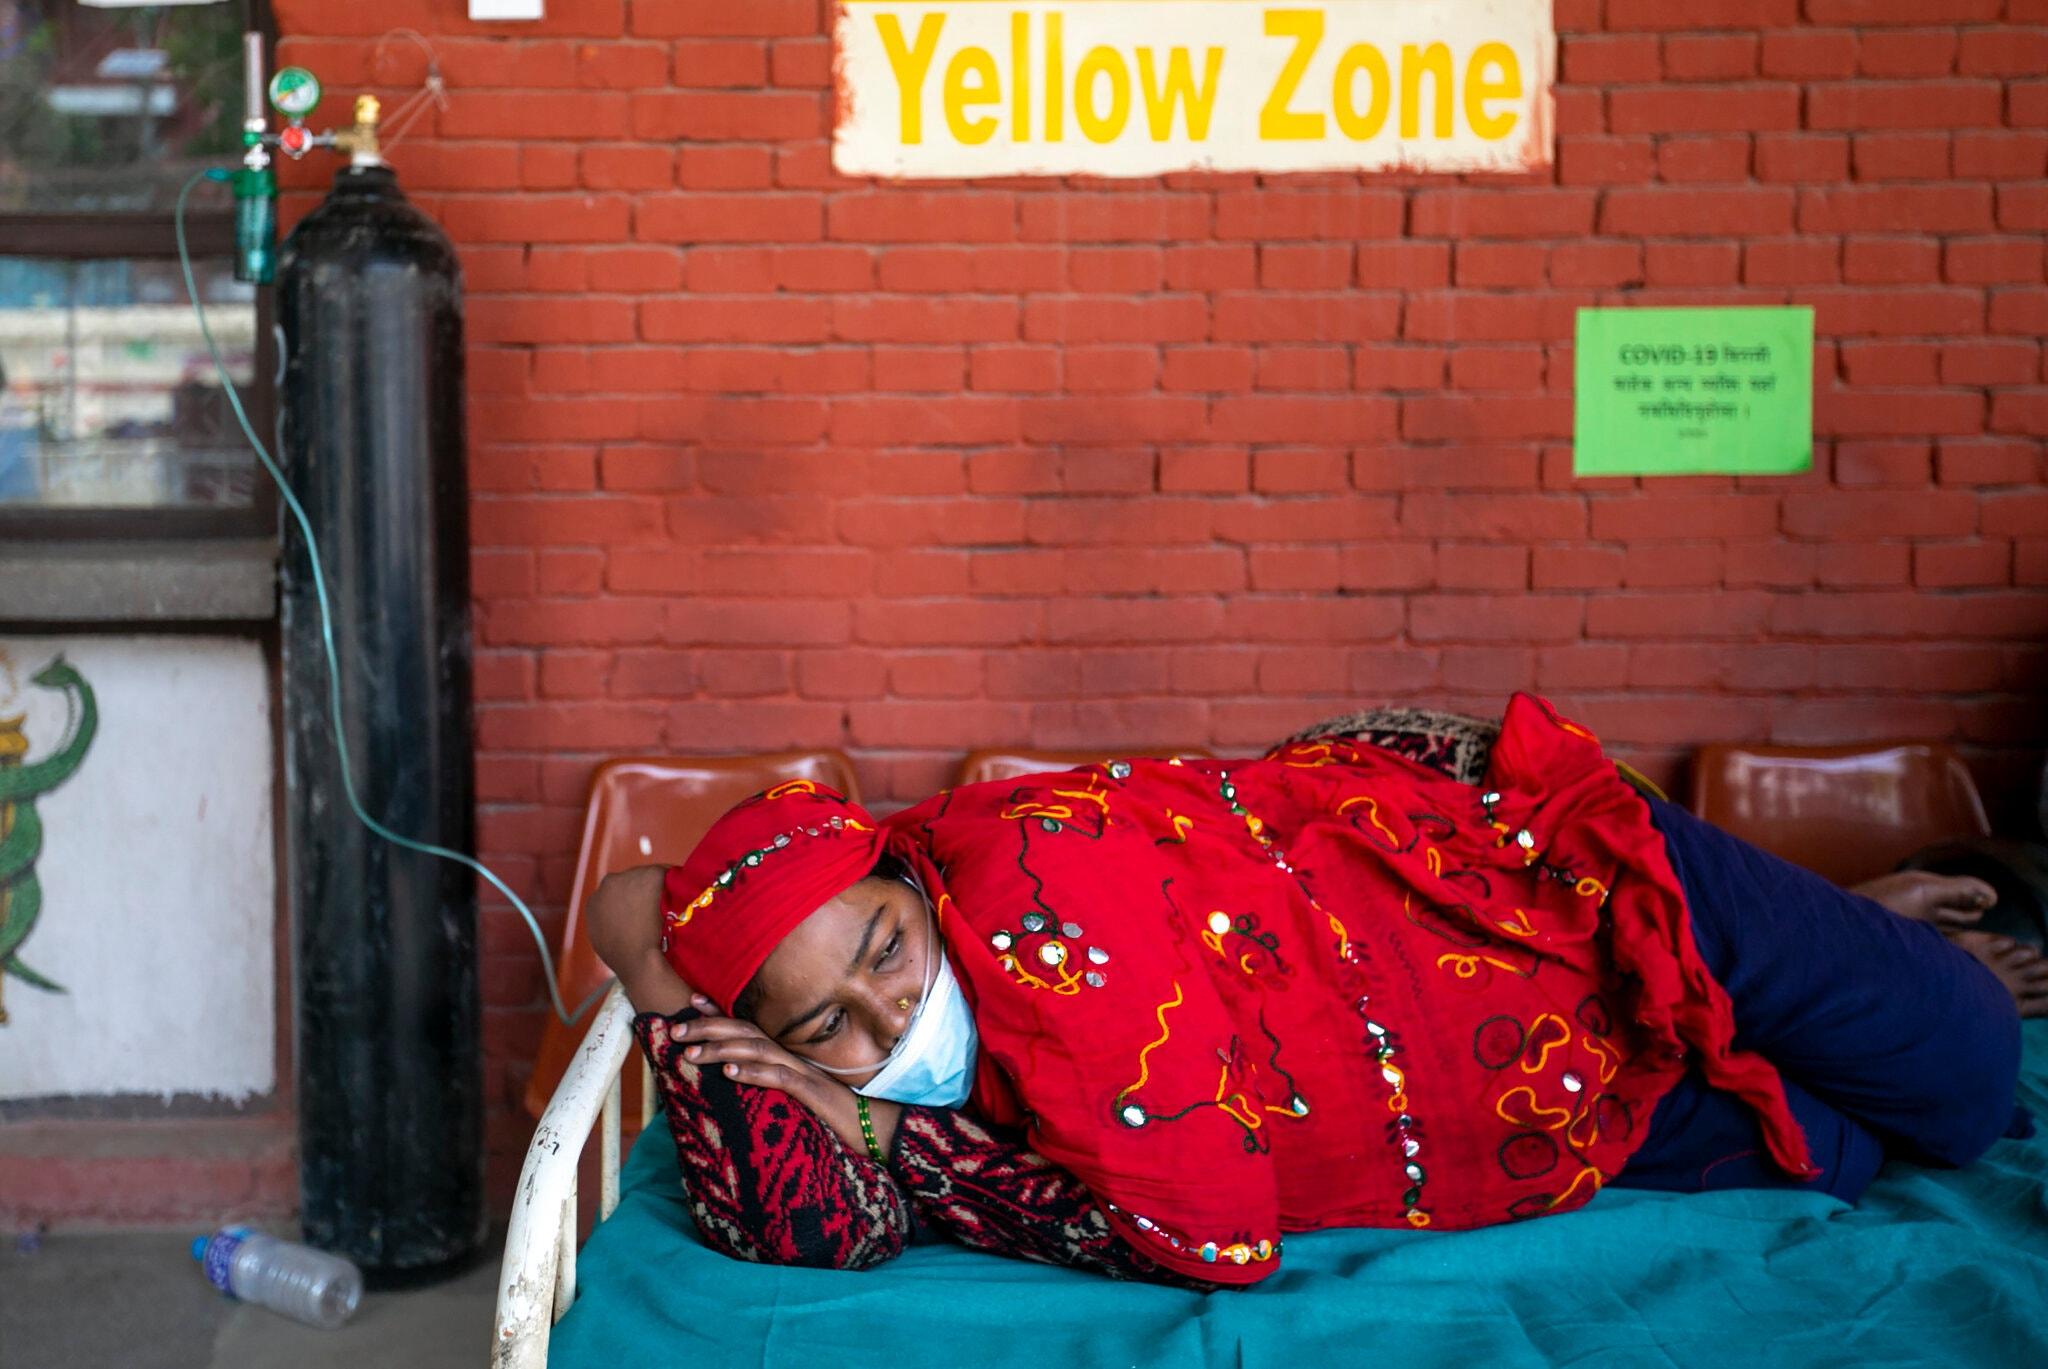 Bệnh nhân được thở oxy bên ngoài khu cấp cứu của một bệnh viện ở Kathmandu, Nepal, ngày 1/5. Ảnh: AP